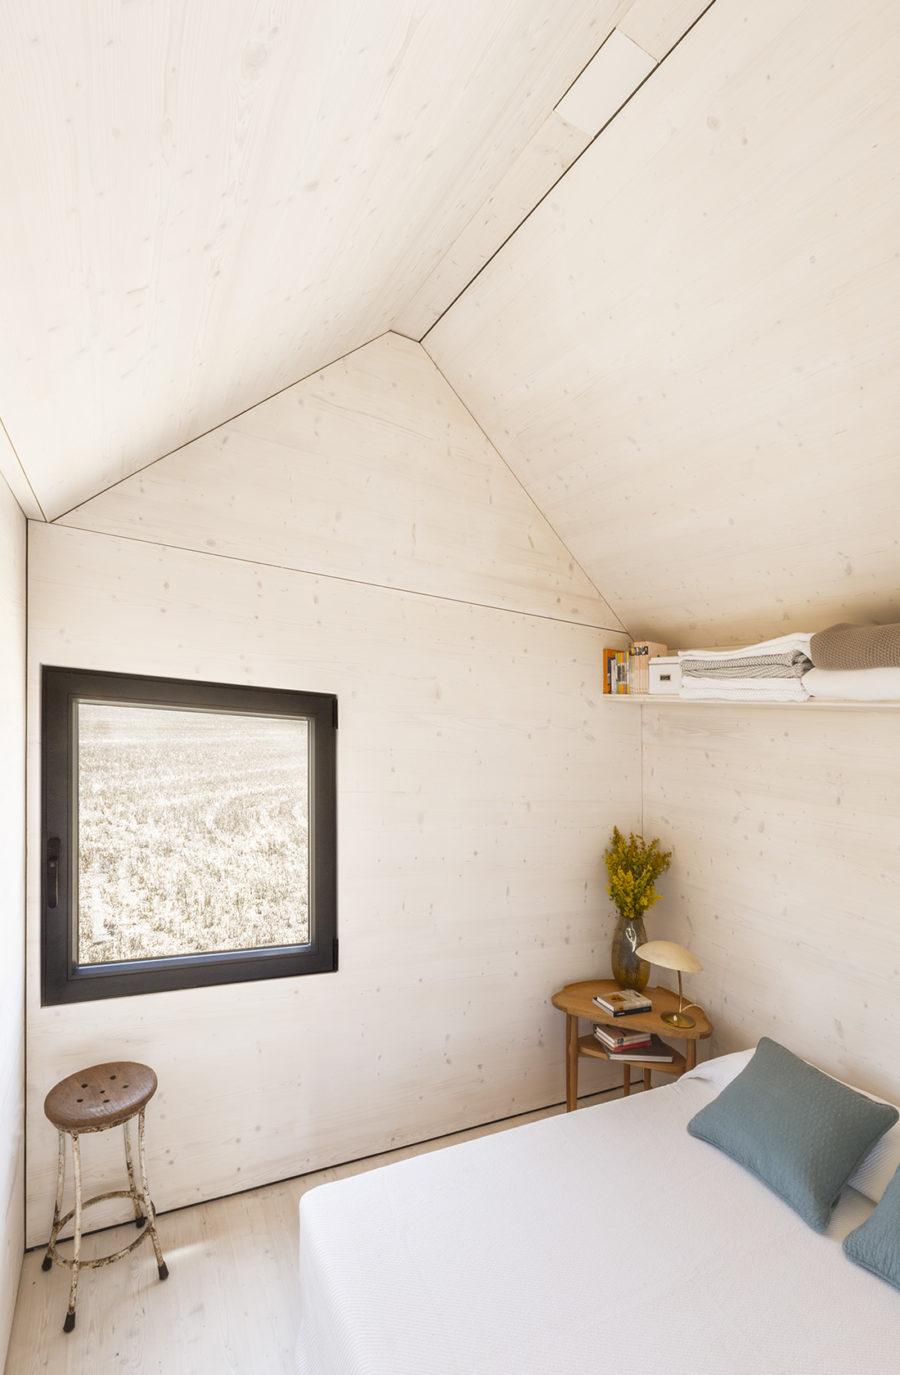 Vista general del dormitorio ccon luz exterior de la vivienda trasportable ÁPH